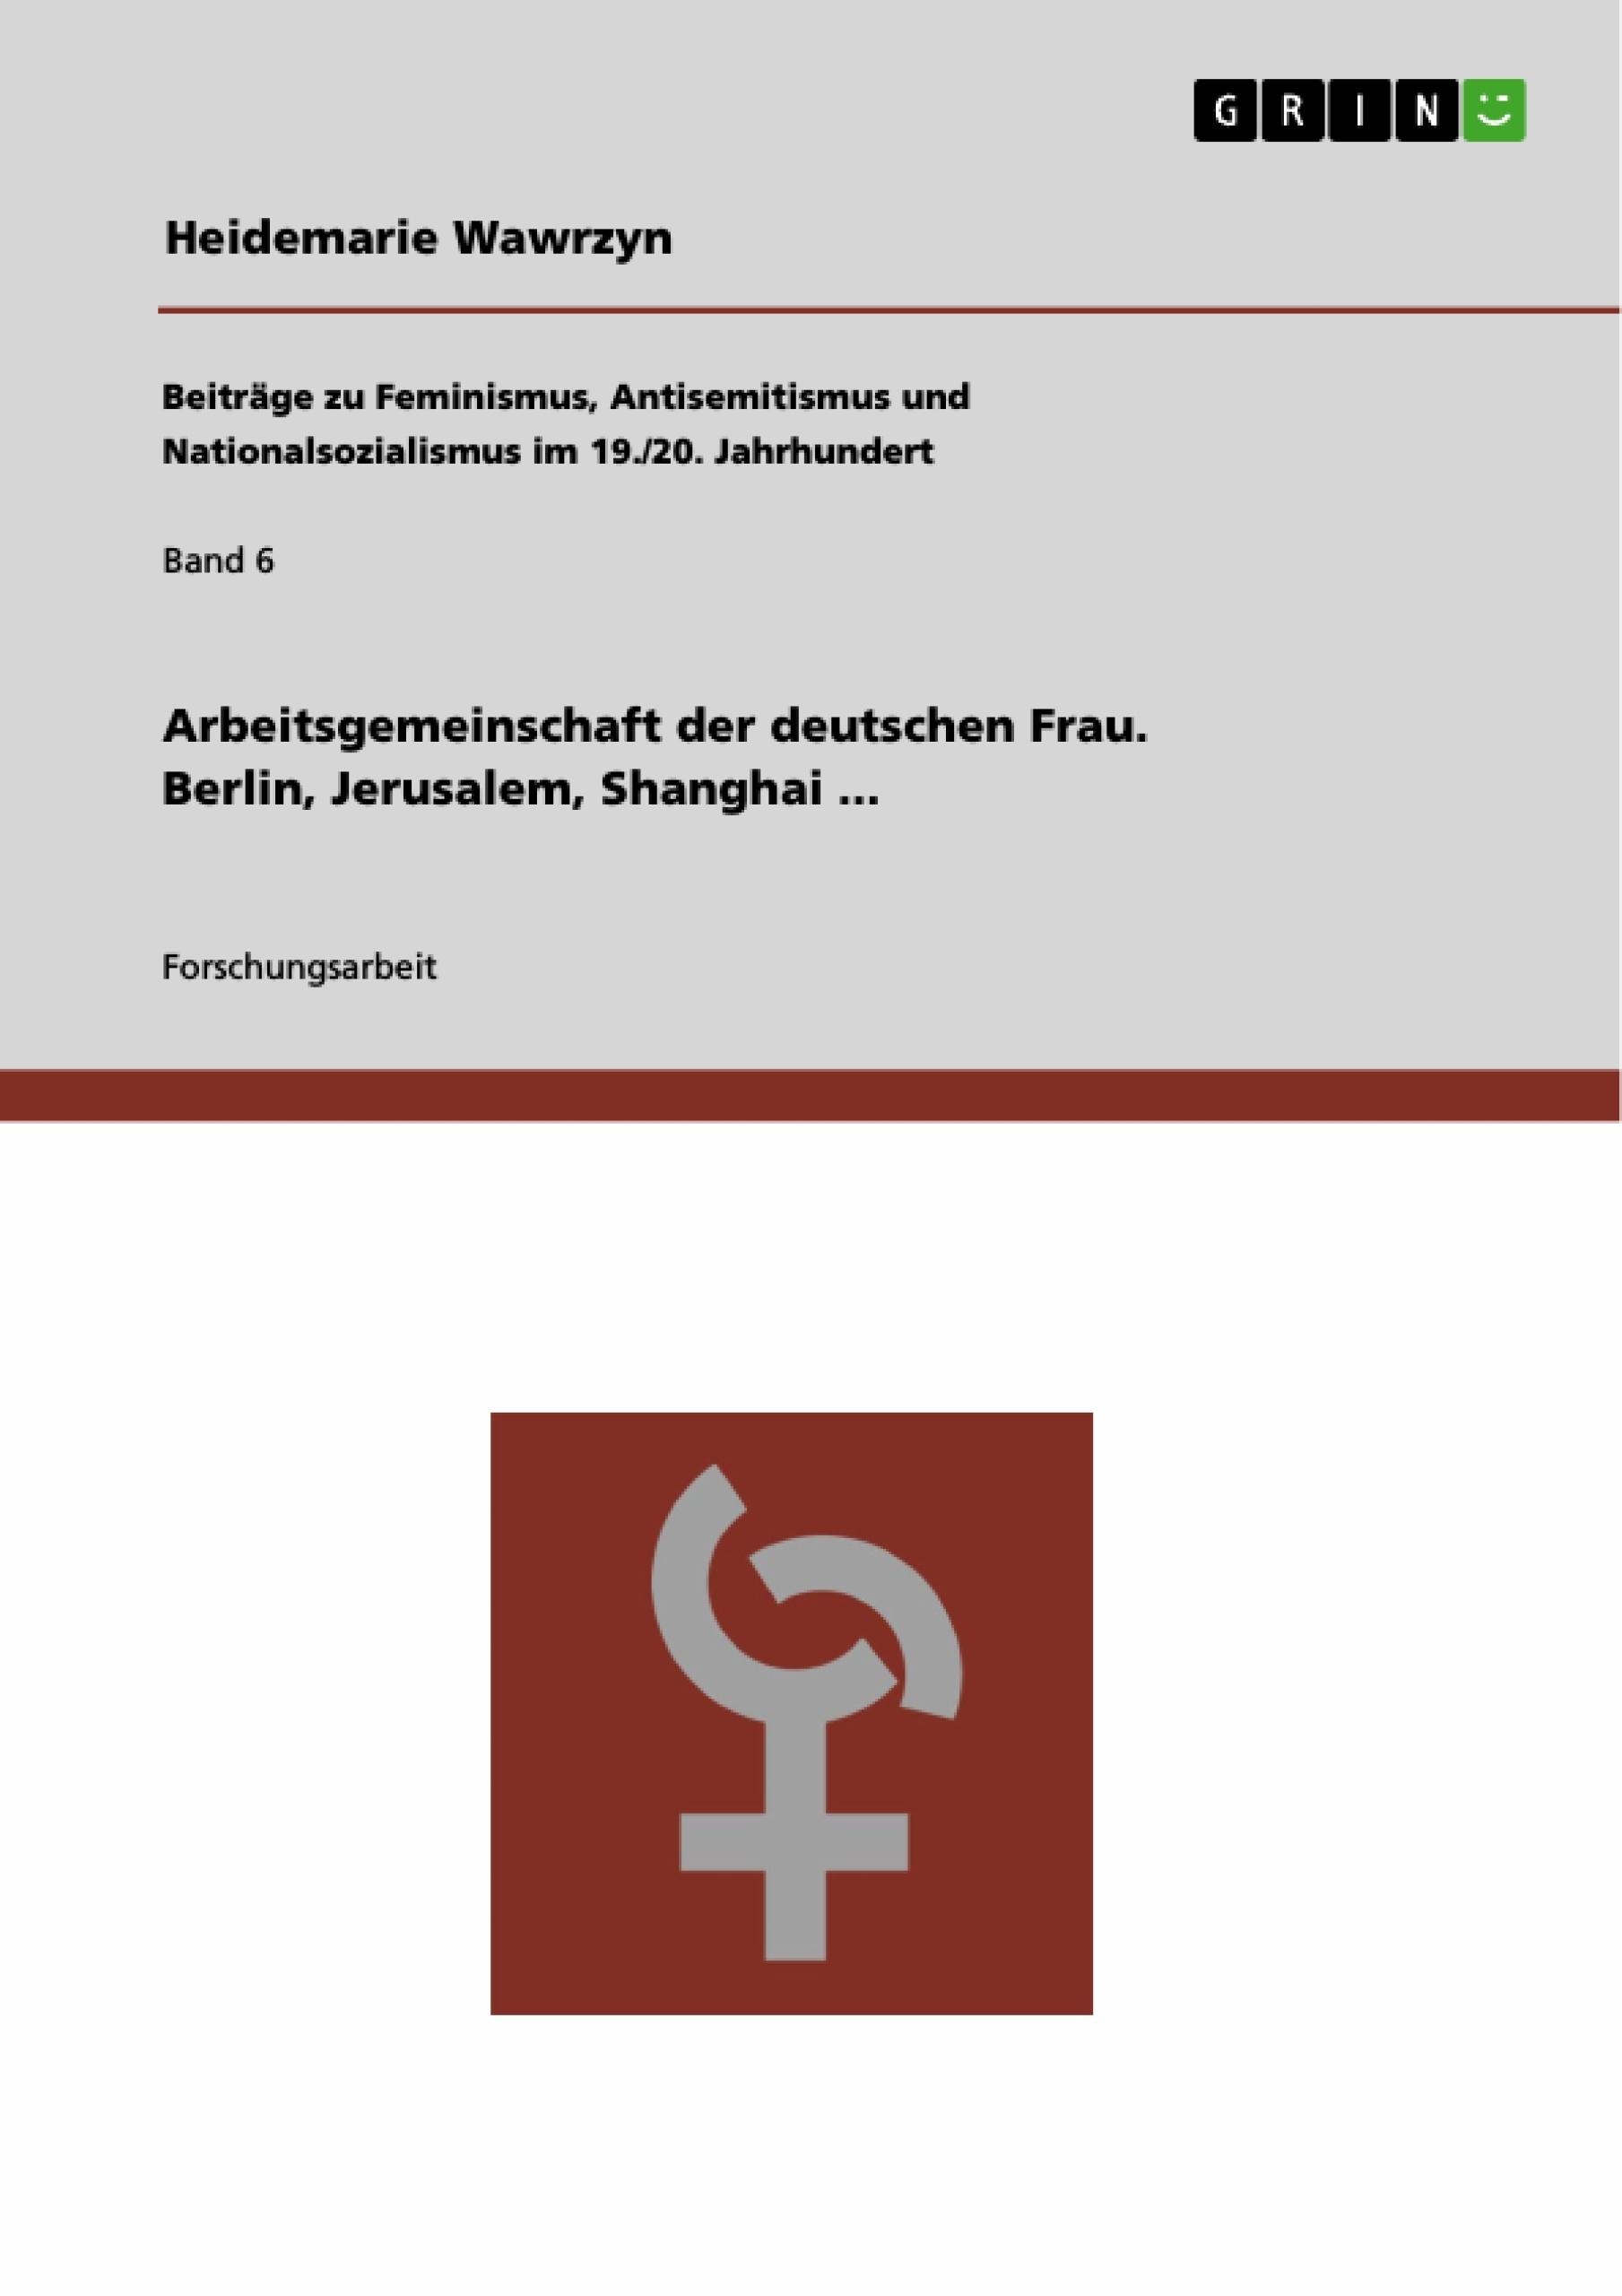 Titel: Arbeitsgemeinschaft der deutschen Frau. Berlin, Jerusalem, Shanghai ...